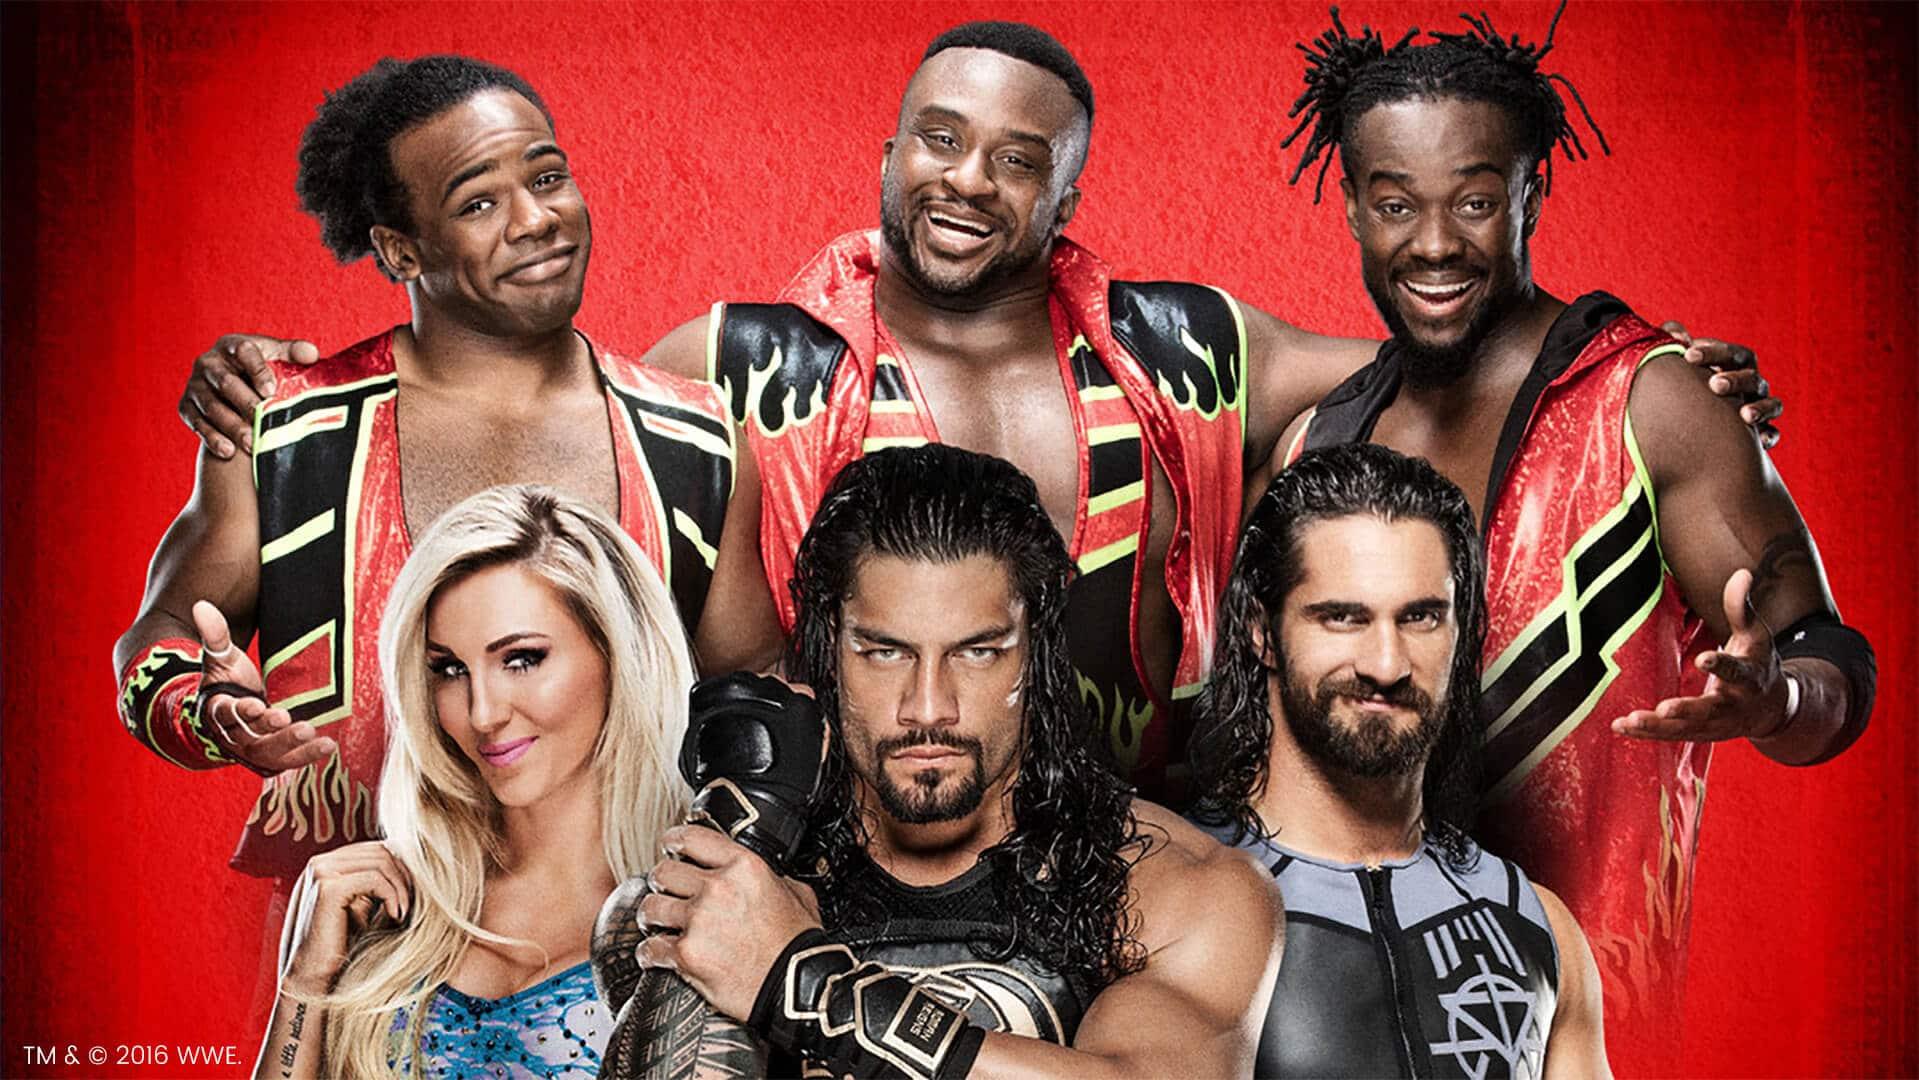 TM & © 2016 WWE.